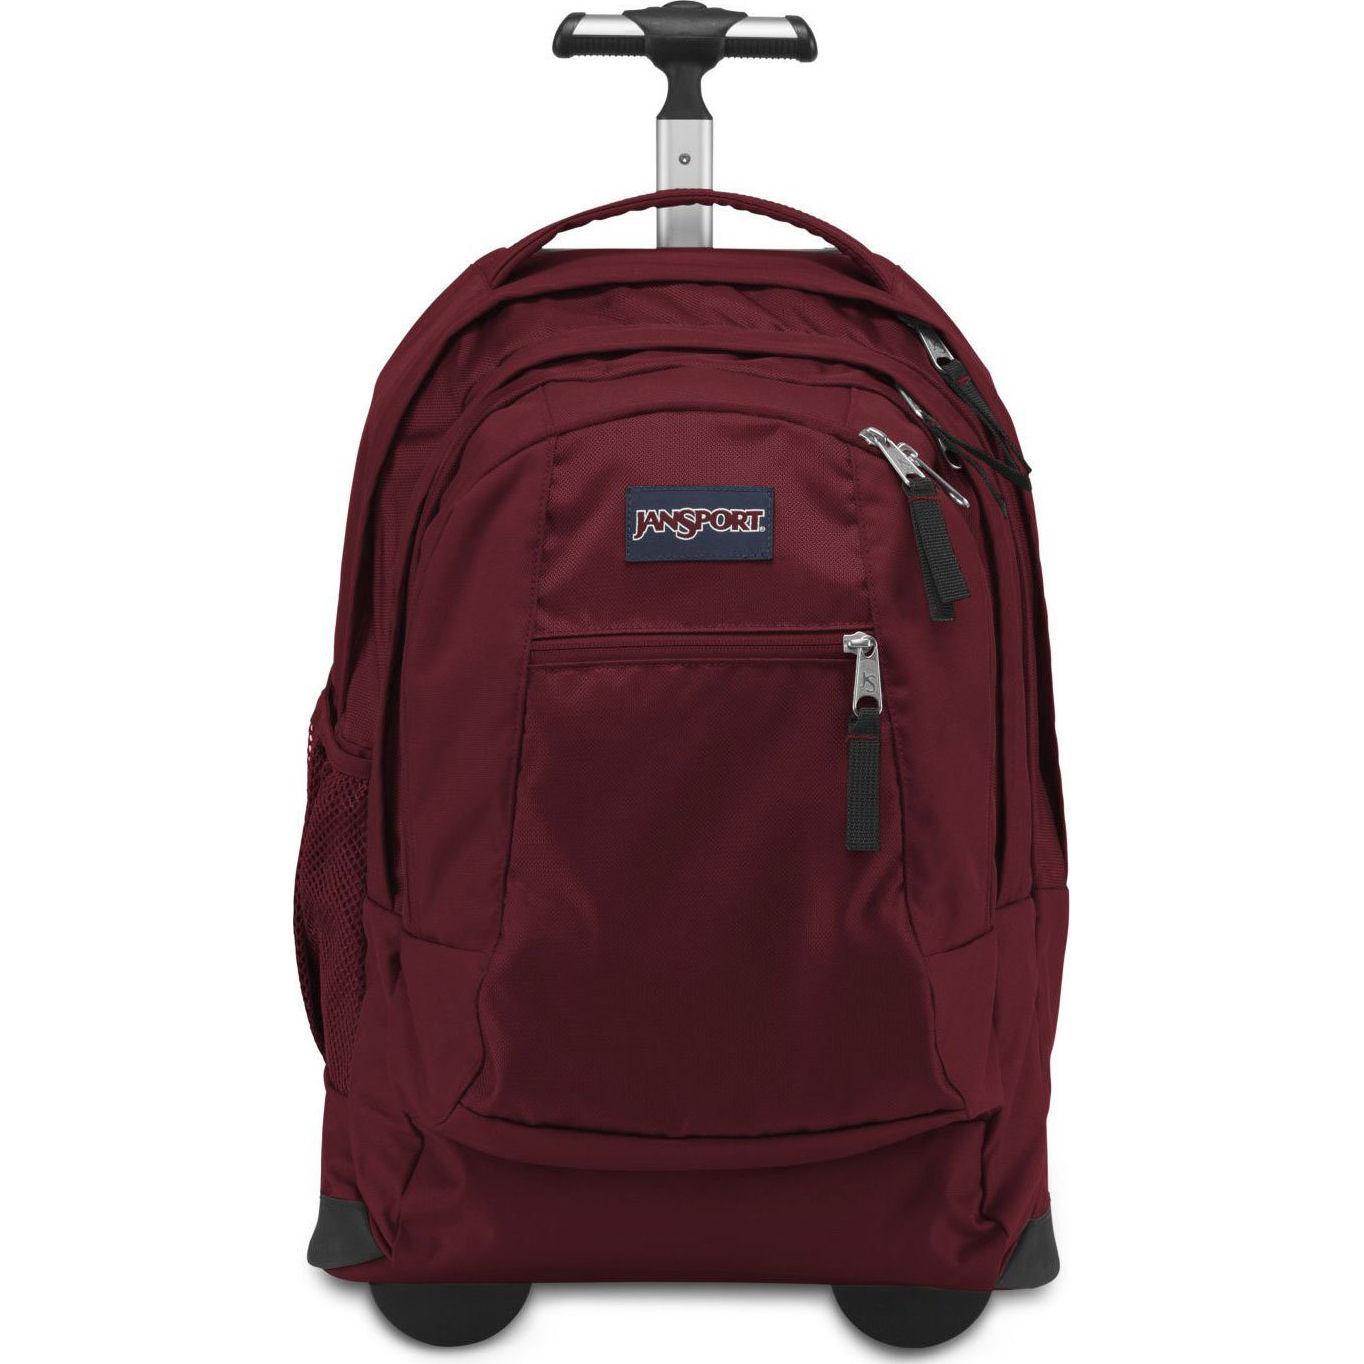 Top 10 Jansport Backpacks | eBay